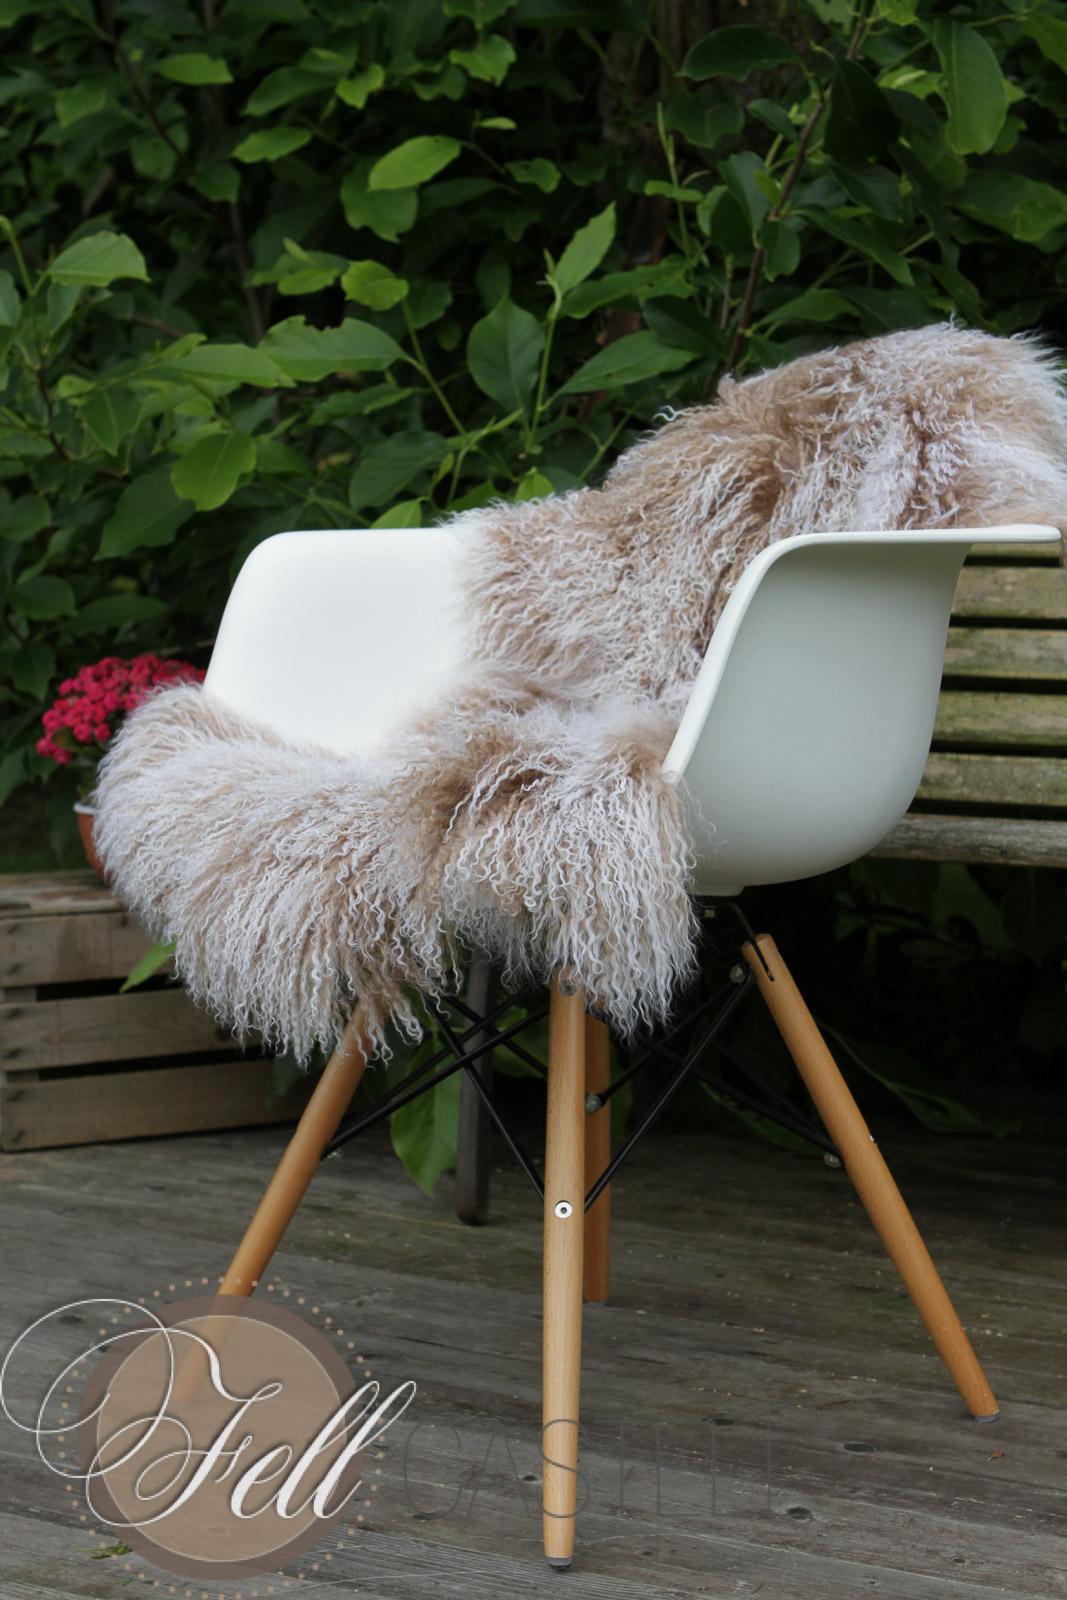 tibet lammfell beige mit weissen spitzen 85 x 45 cm 85 x 45 cm lammfell schaffell shop. Black Bedroom Furniture Sets. Home Design Ideas